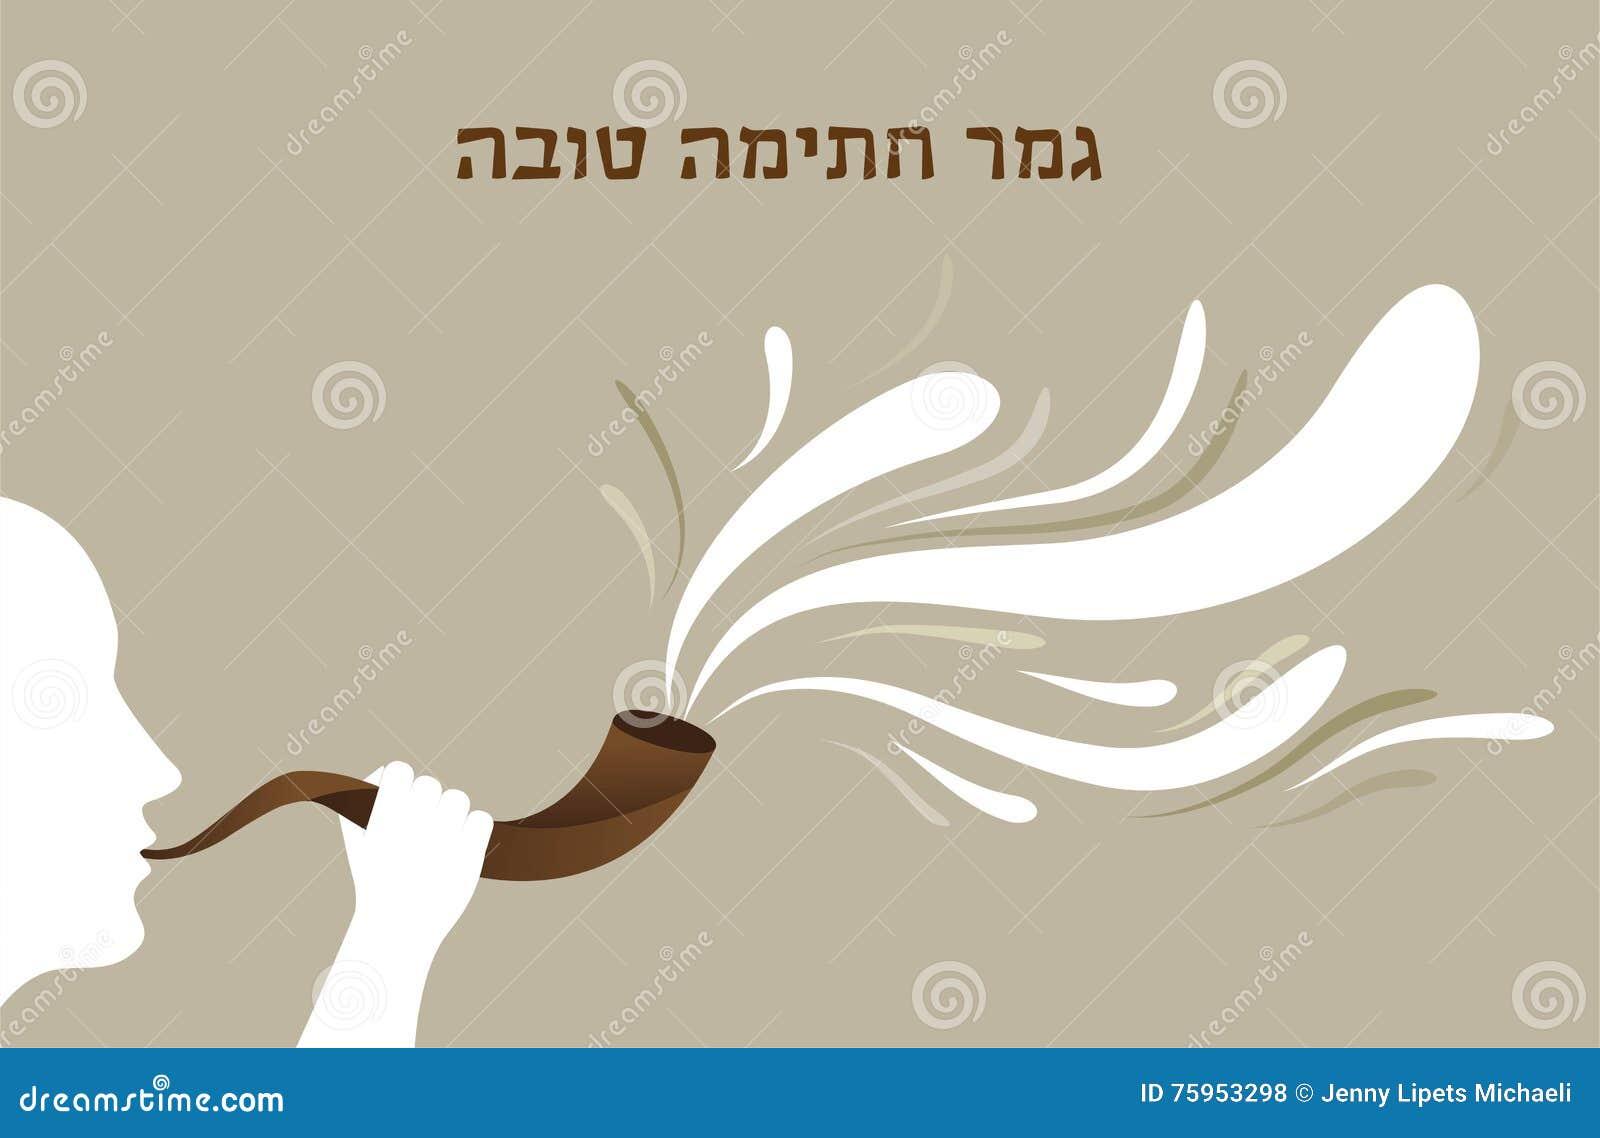 Hombre Que Suena Un Shofar, Cuerno Judío Puede Usted Estar Inscrito En El Libro De La